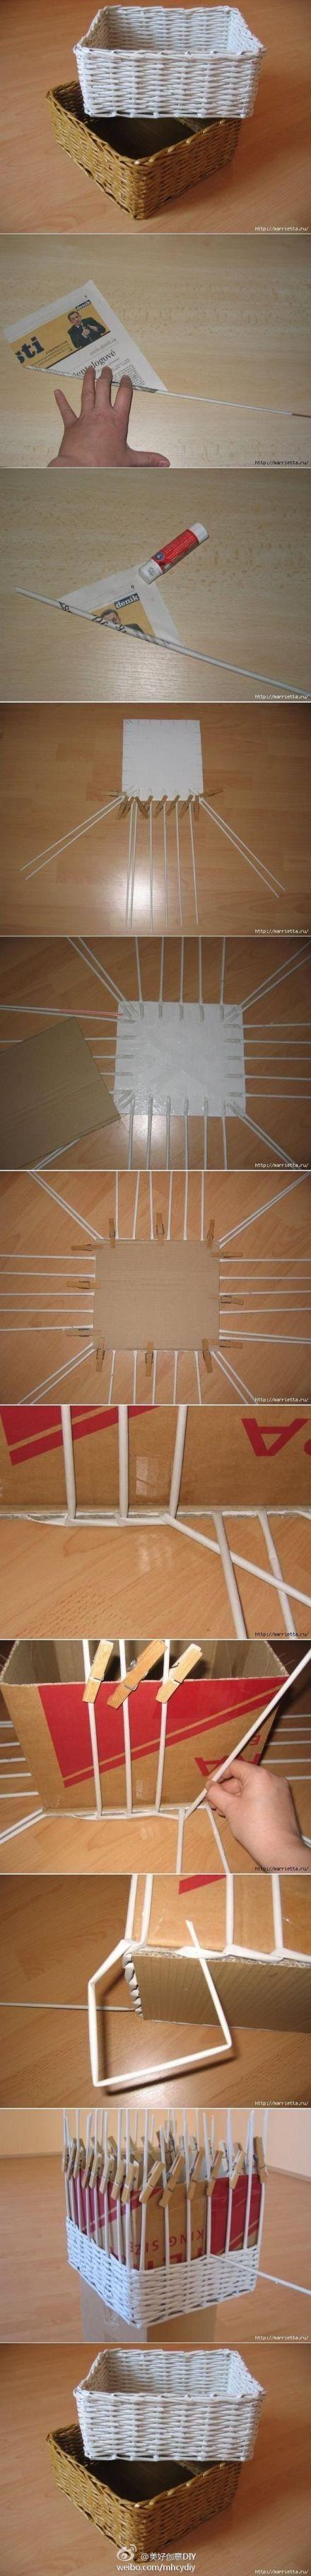 #变废为宝#利用纸箱和报纸编一个箱子,怎么样?——更多有趣内容,请关注@美好创意DIY (http://t.cn/zOR4l2D)